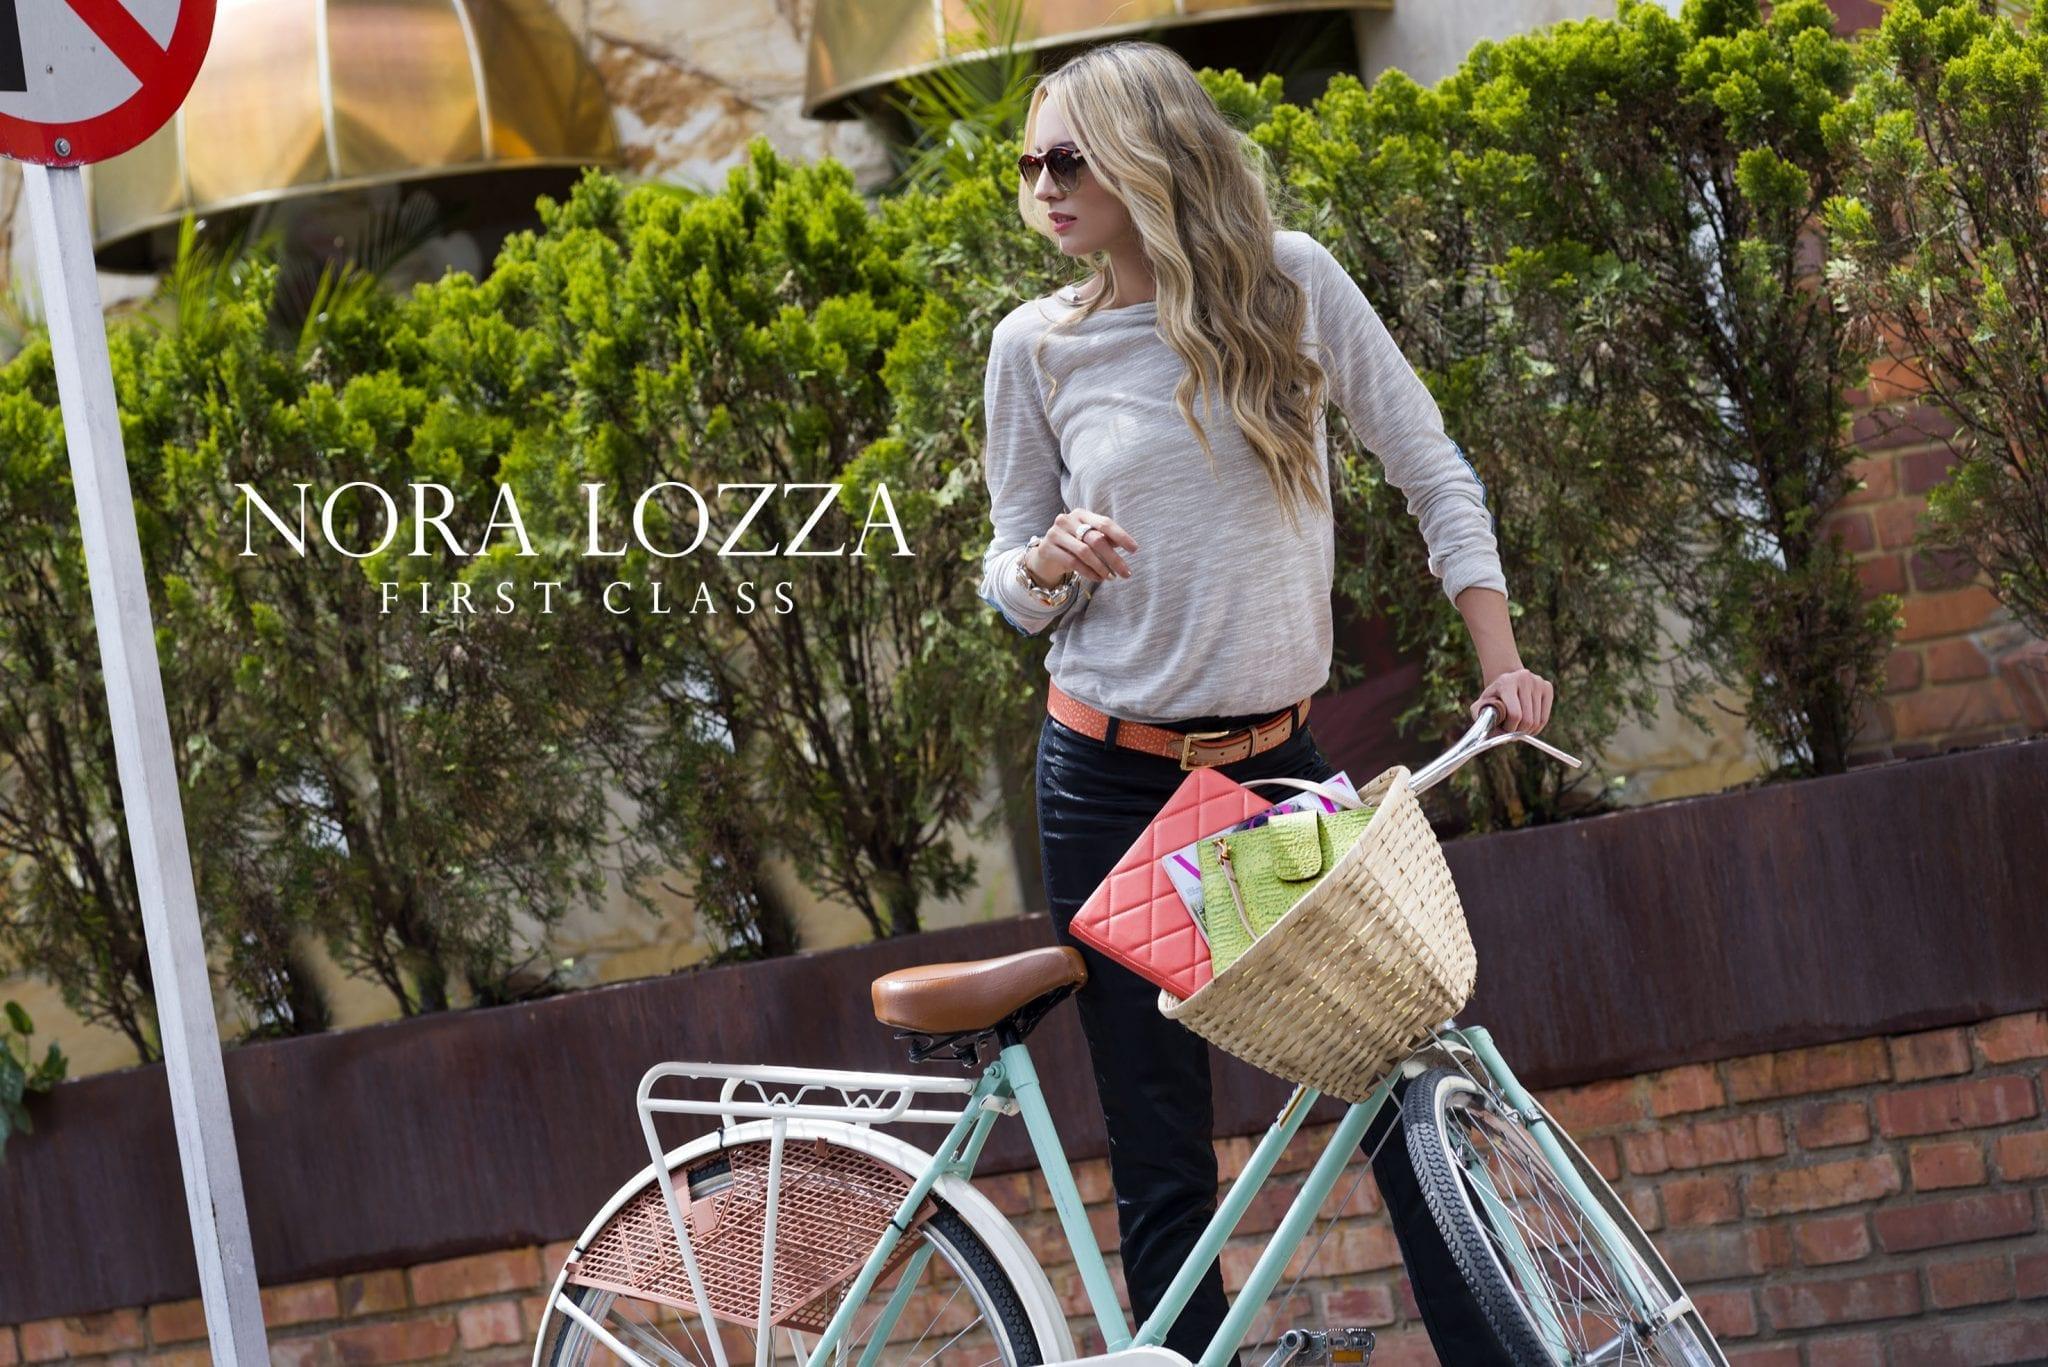 Nora Lozza